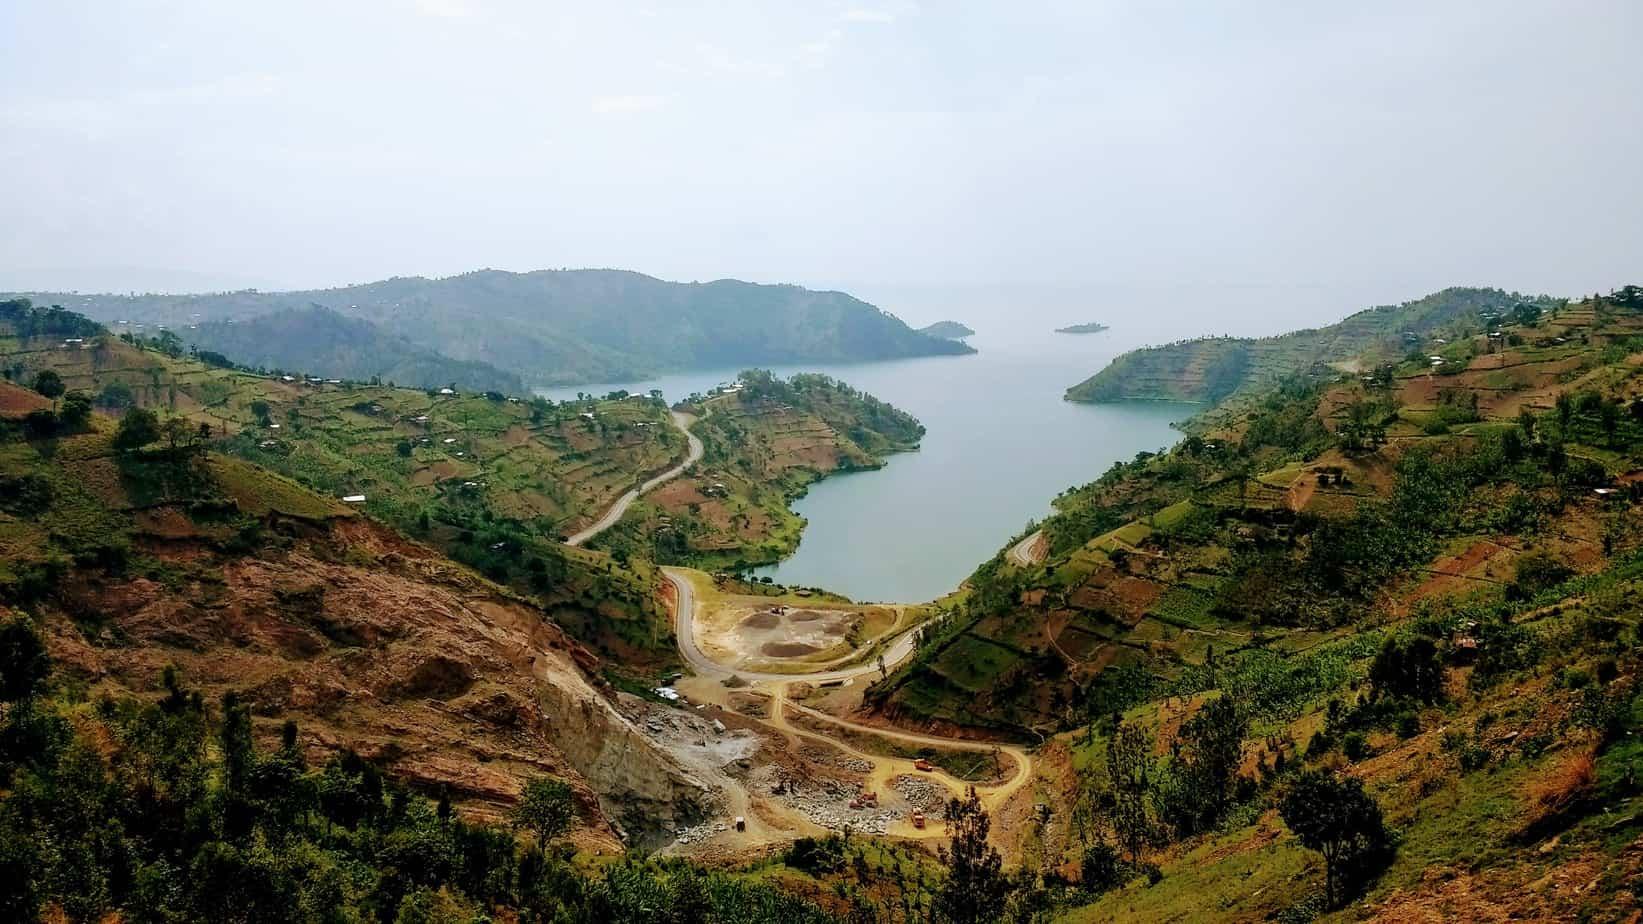 Congo Nile Trail view